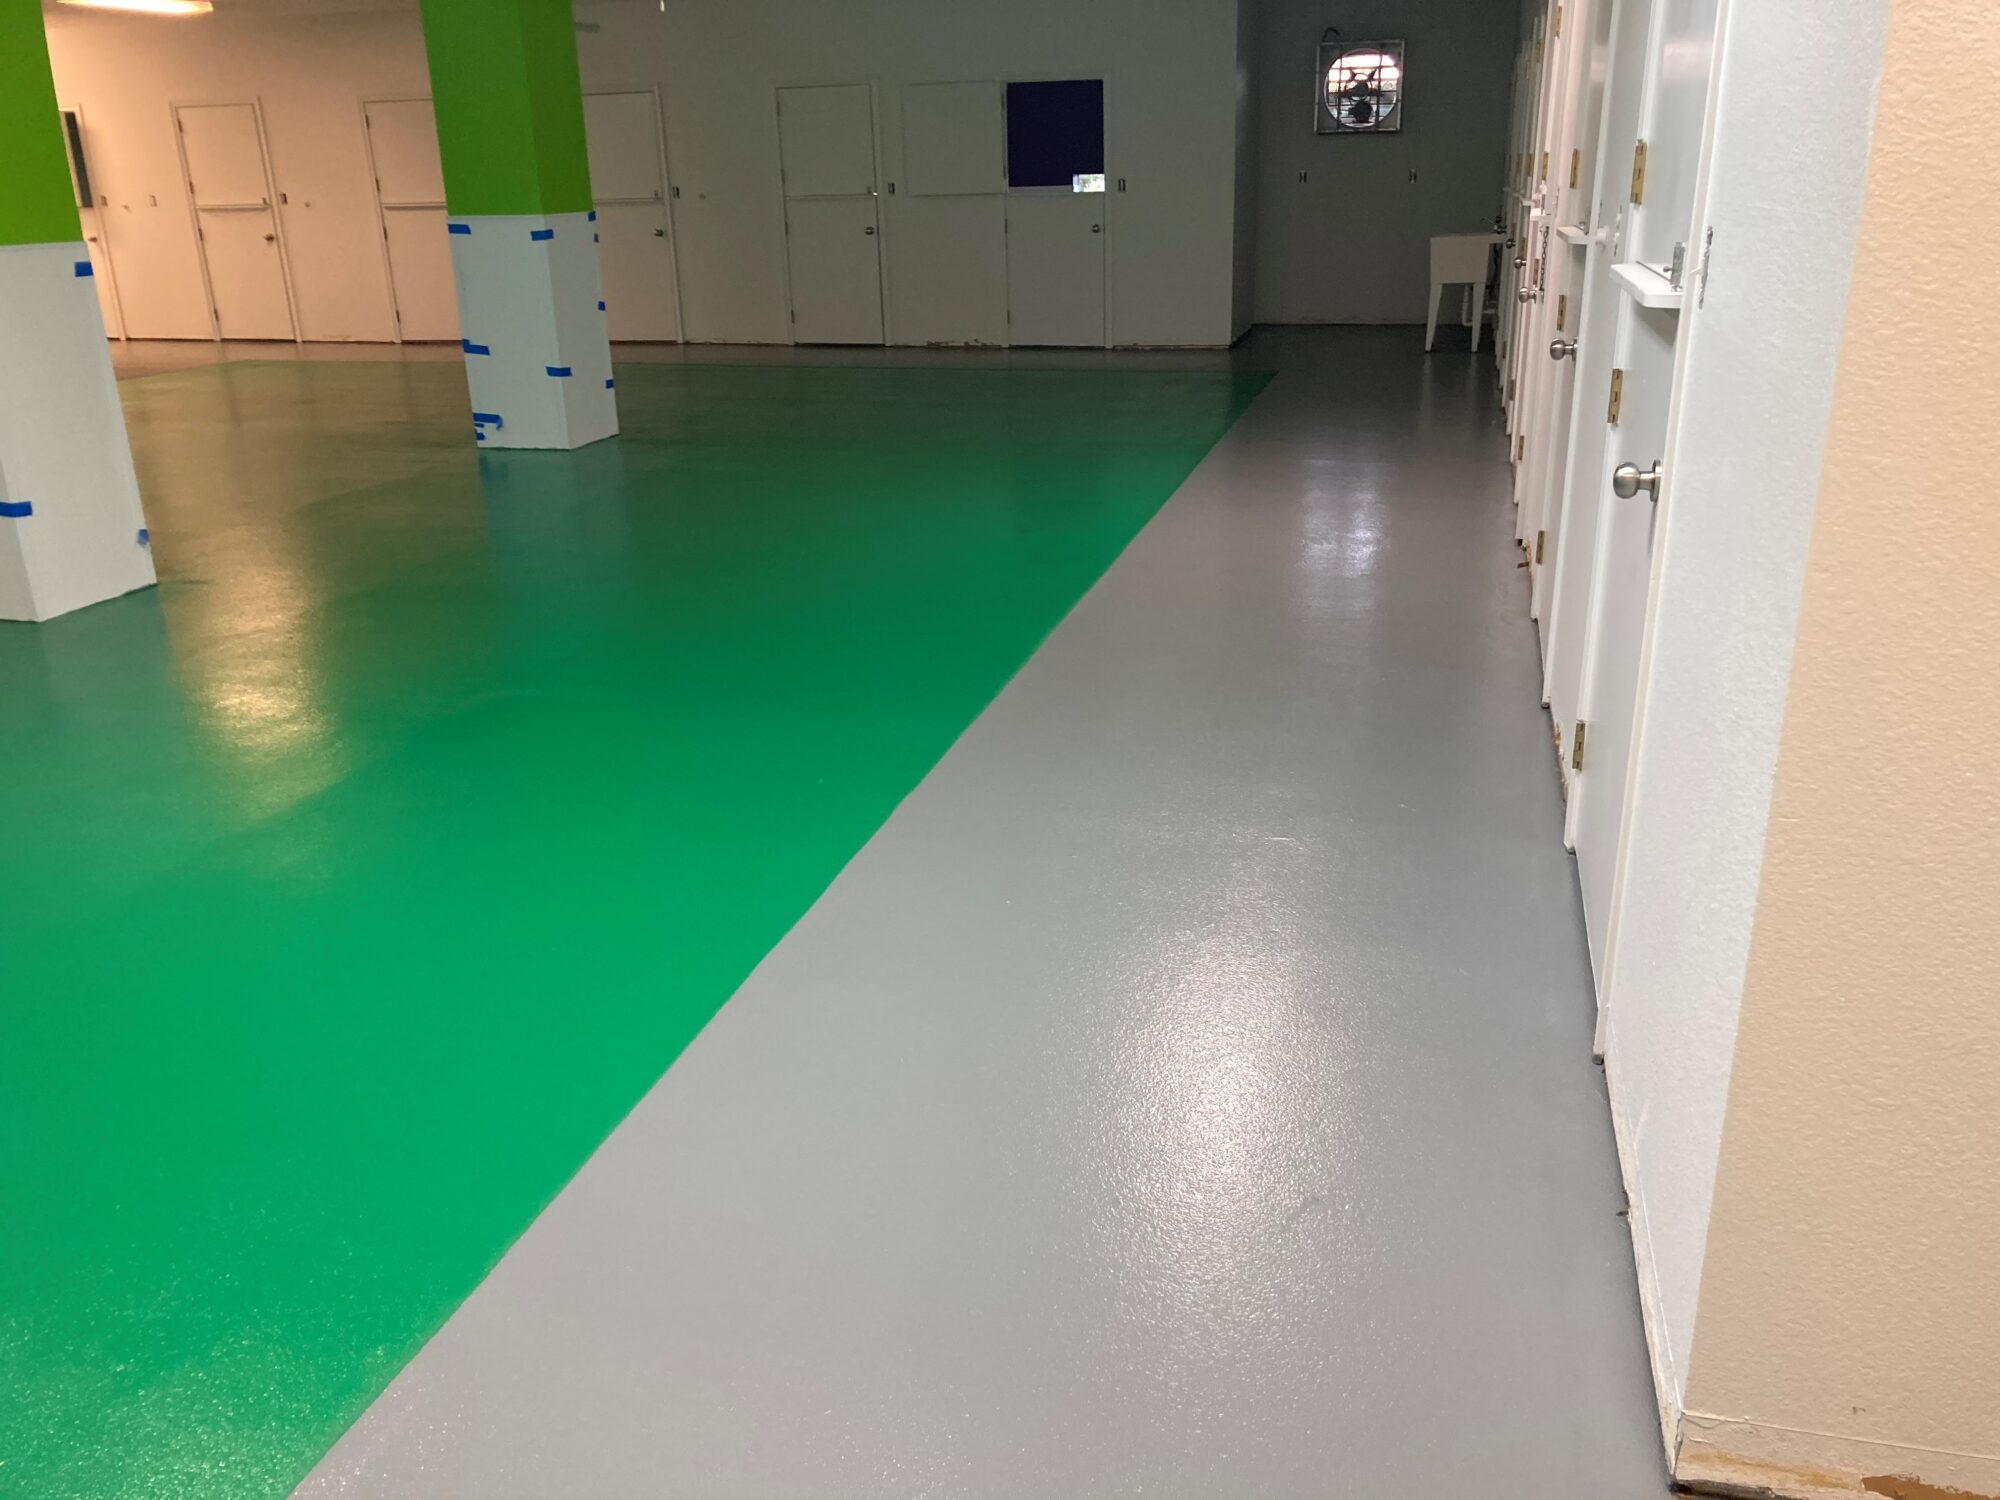 Concrete floor coatings, epoxy floor coatings, epoxy coatings, Industrial Applications Inc, TeamIA, epoxy floor coating, Pet kennels, kennel flooring